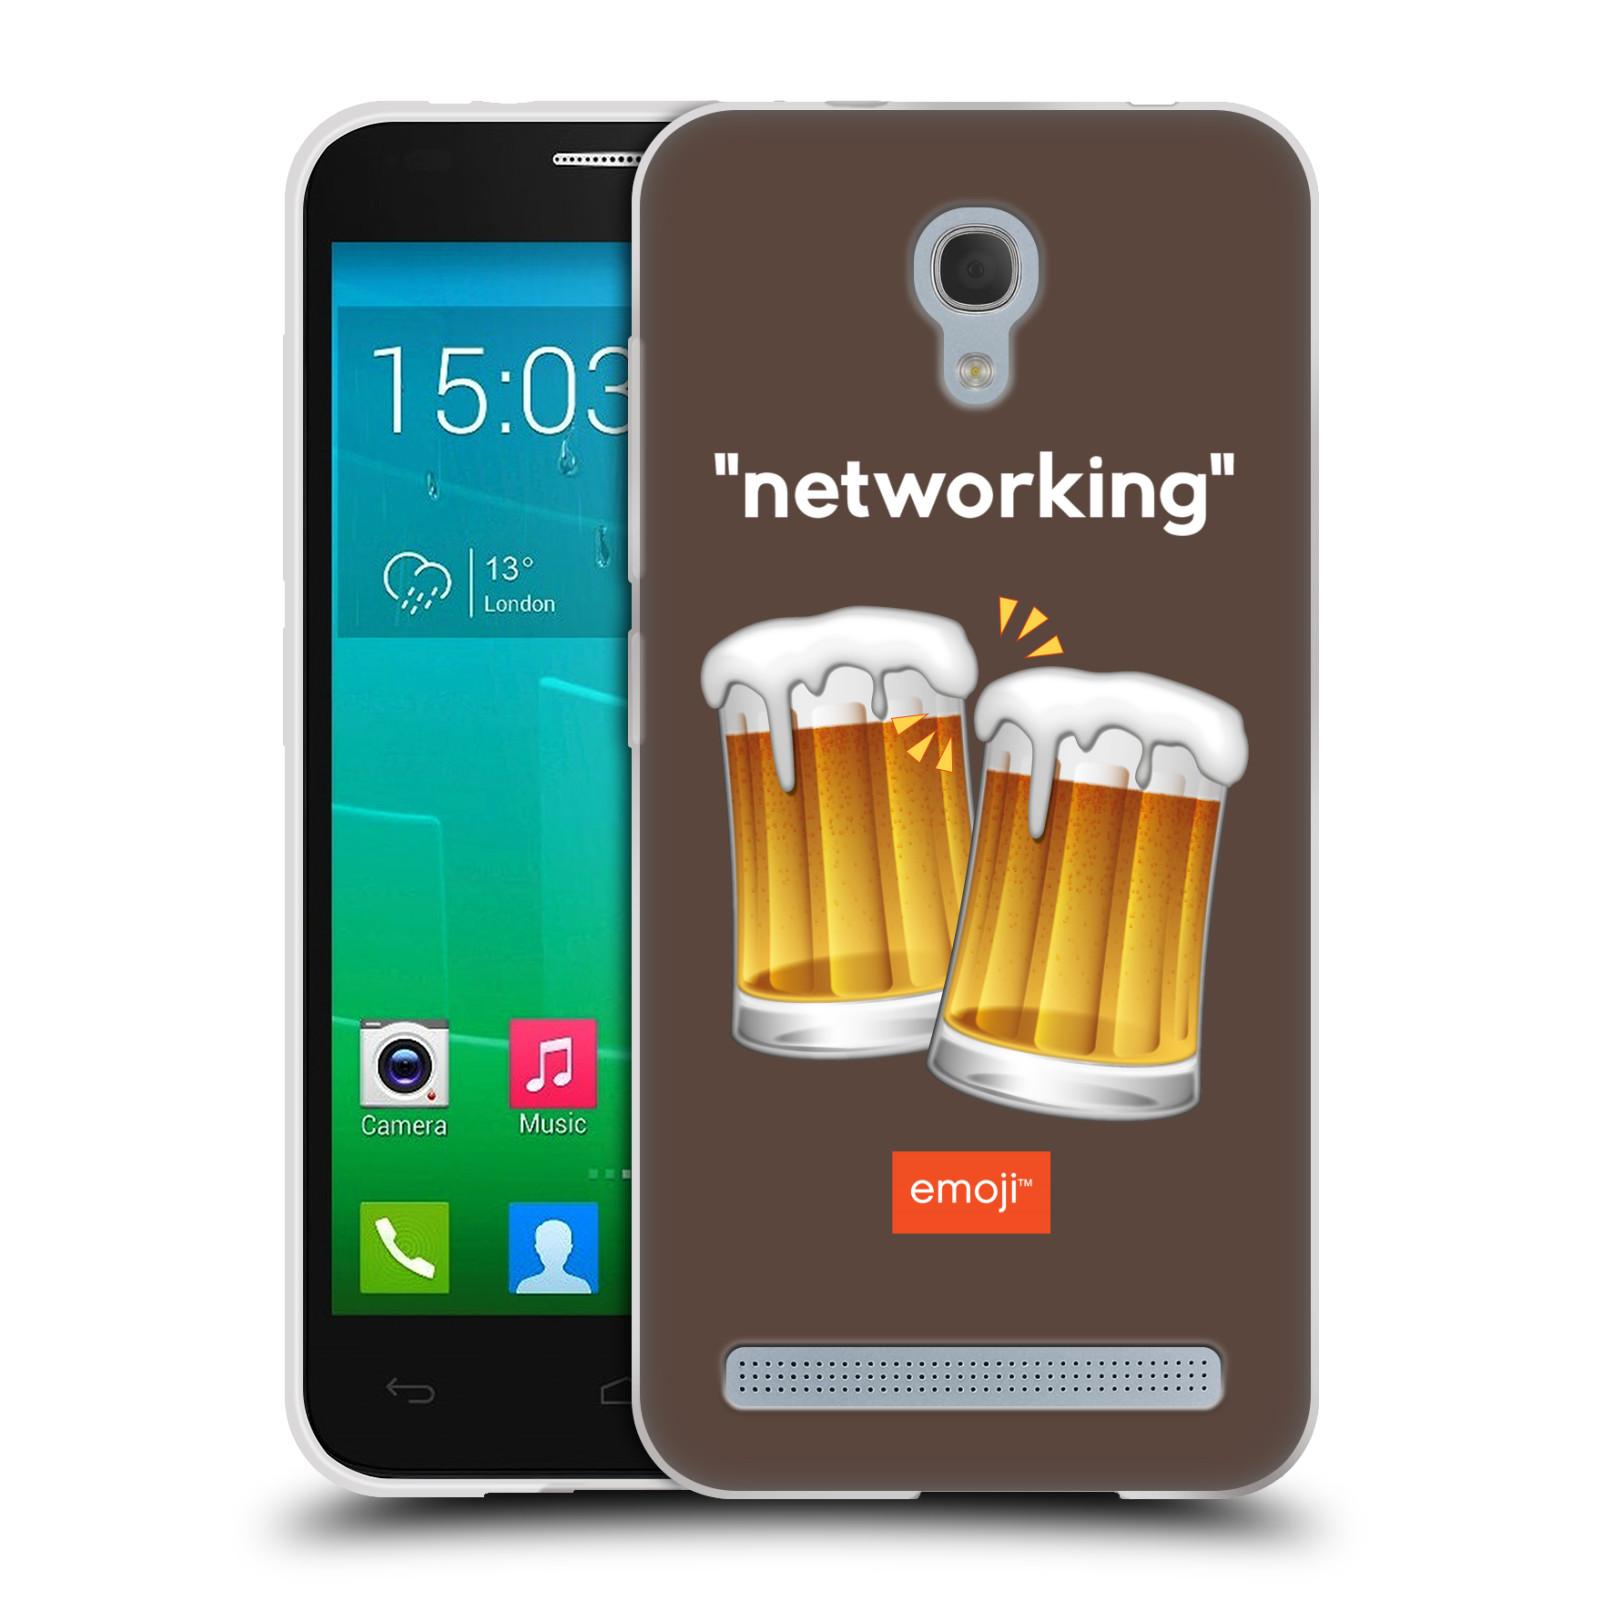 Silikonové pouzdro na mobil Alcatel One Touch Idol 2 Mini S 6036Y HEAD CASE EMOJI - Pivní networking (Silikonový kryt či obal s oficiálním motivem EMOJI na mobilní telefon Alcatel Idol 2 Mini S OT-6036Y)